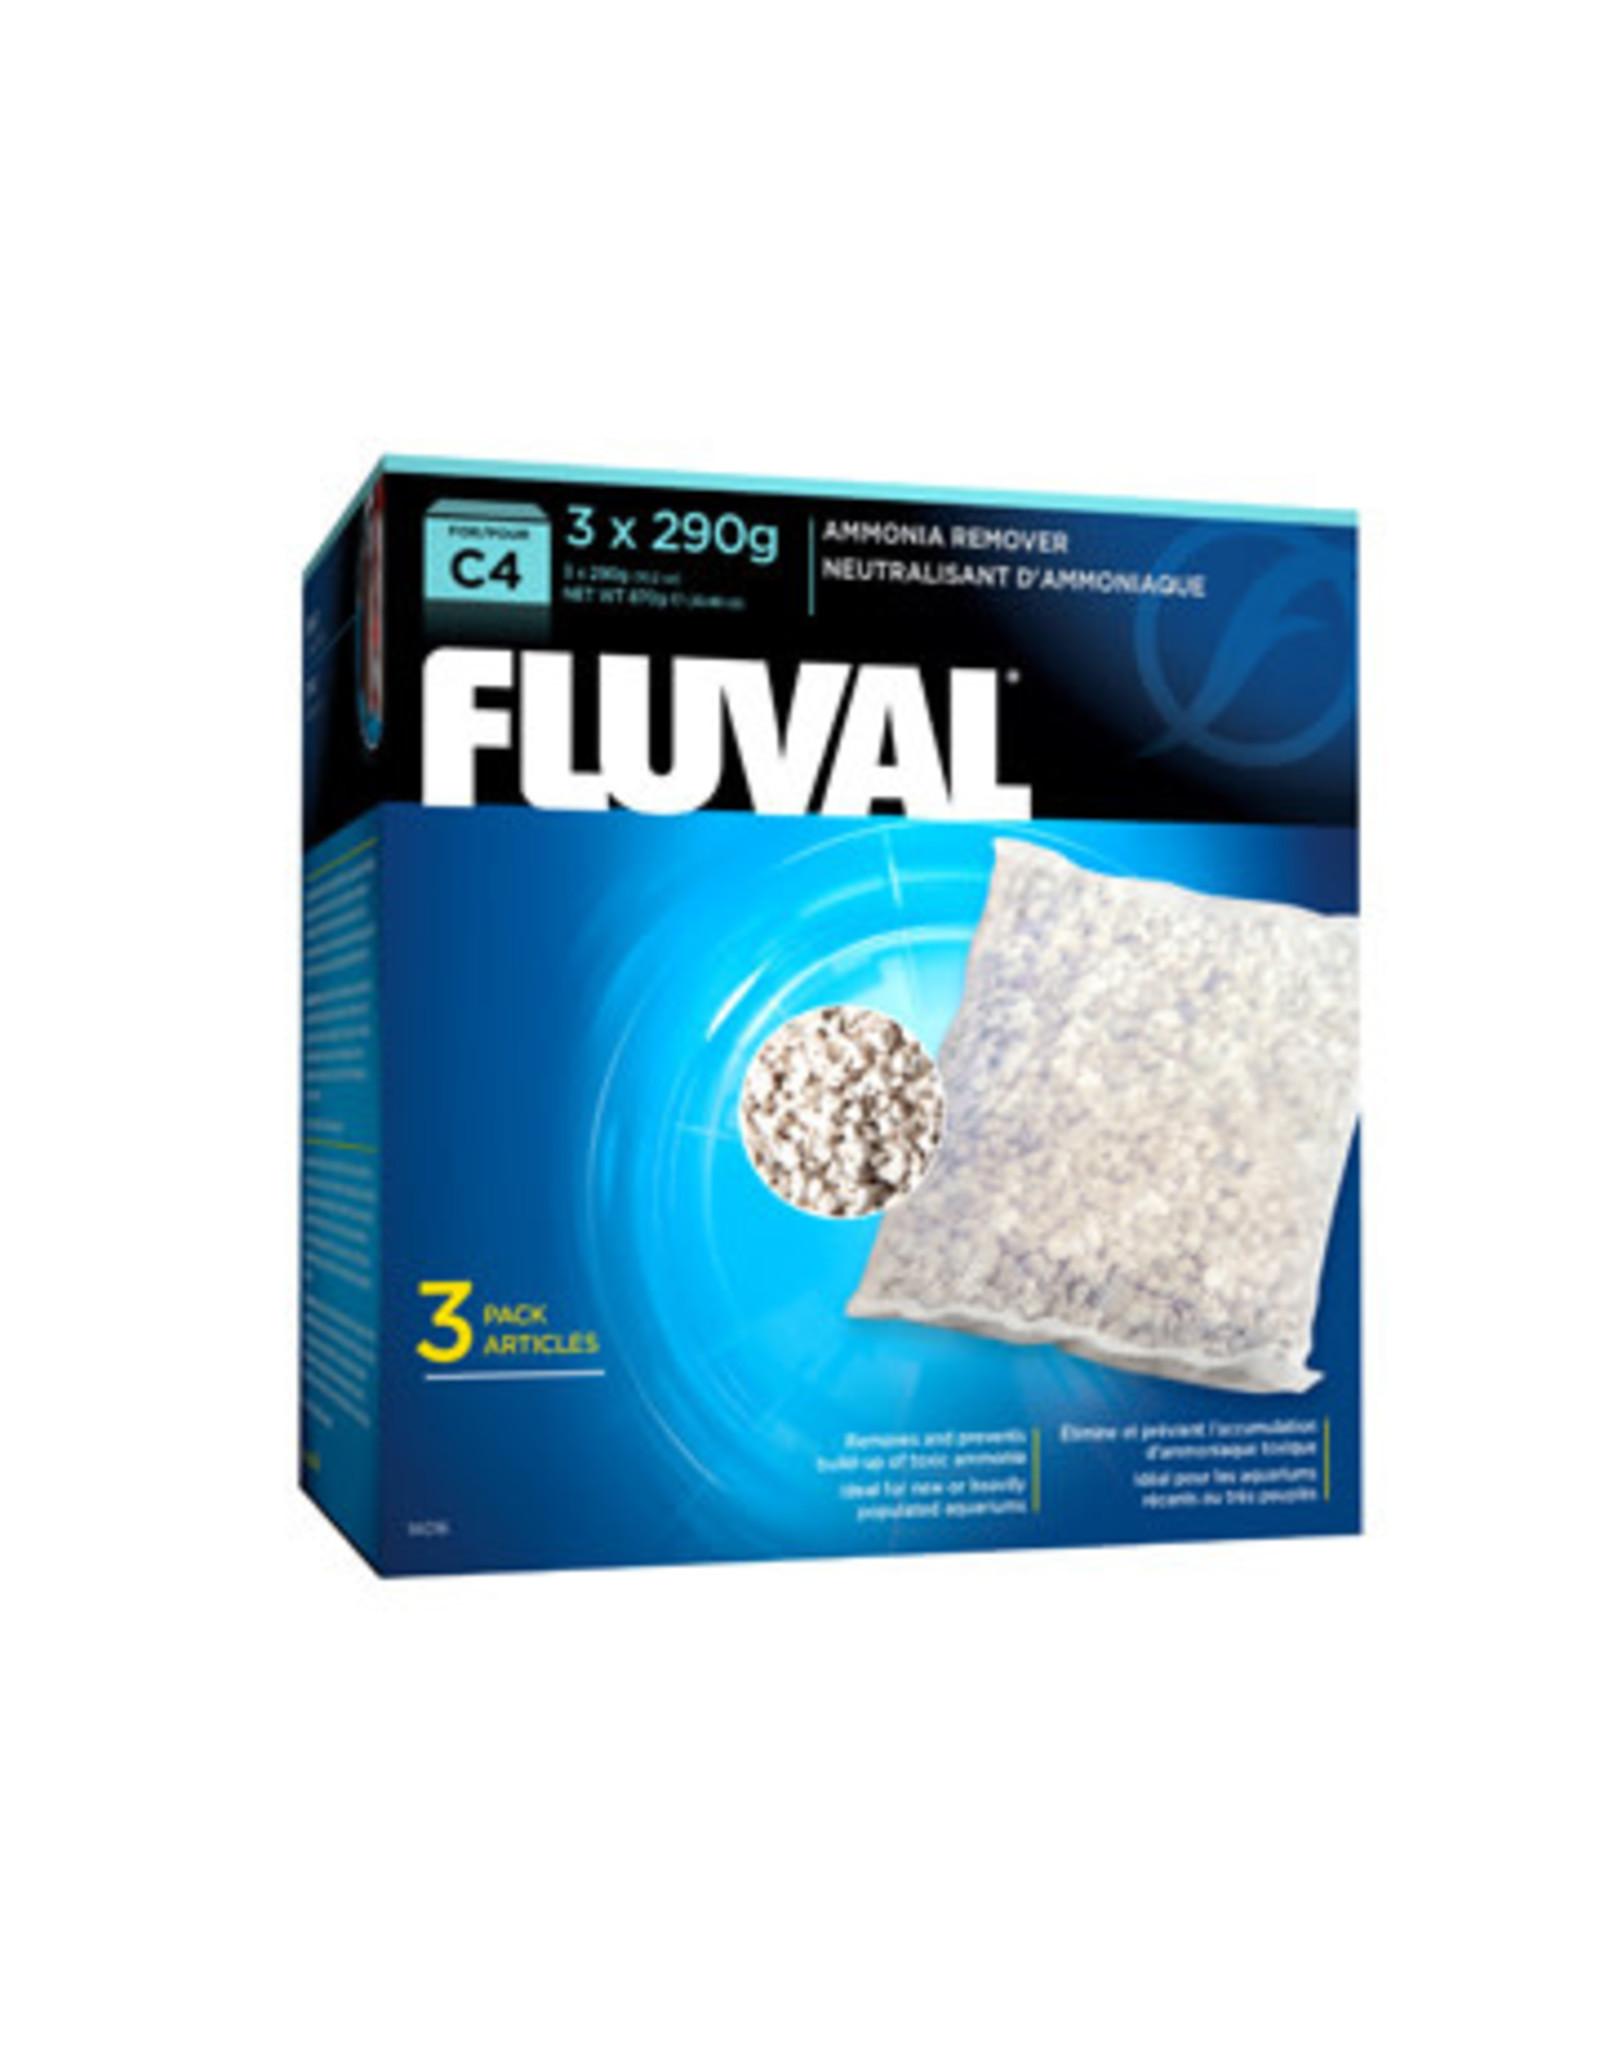 Fluval Fluval C4 Ammonia Remover, 3-pack